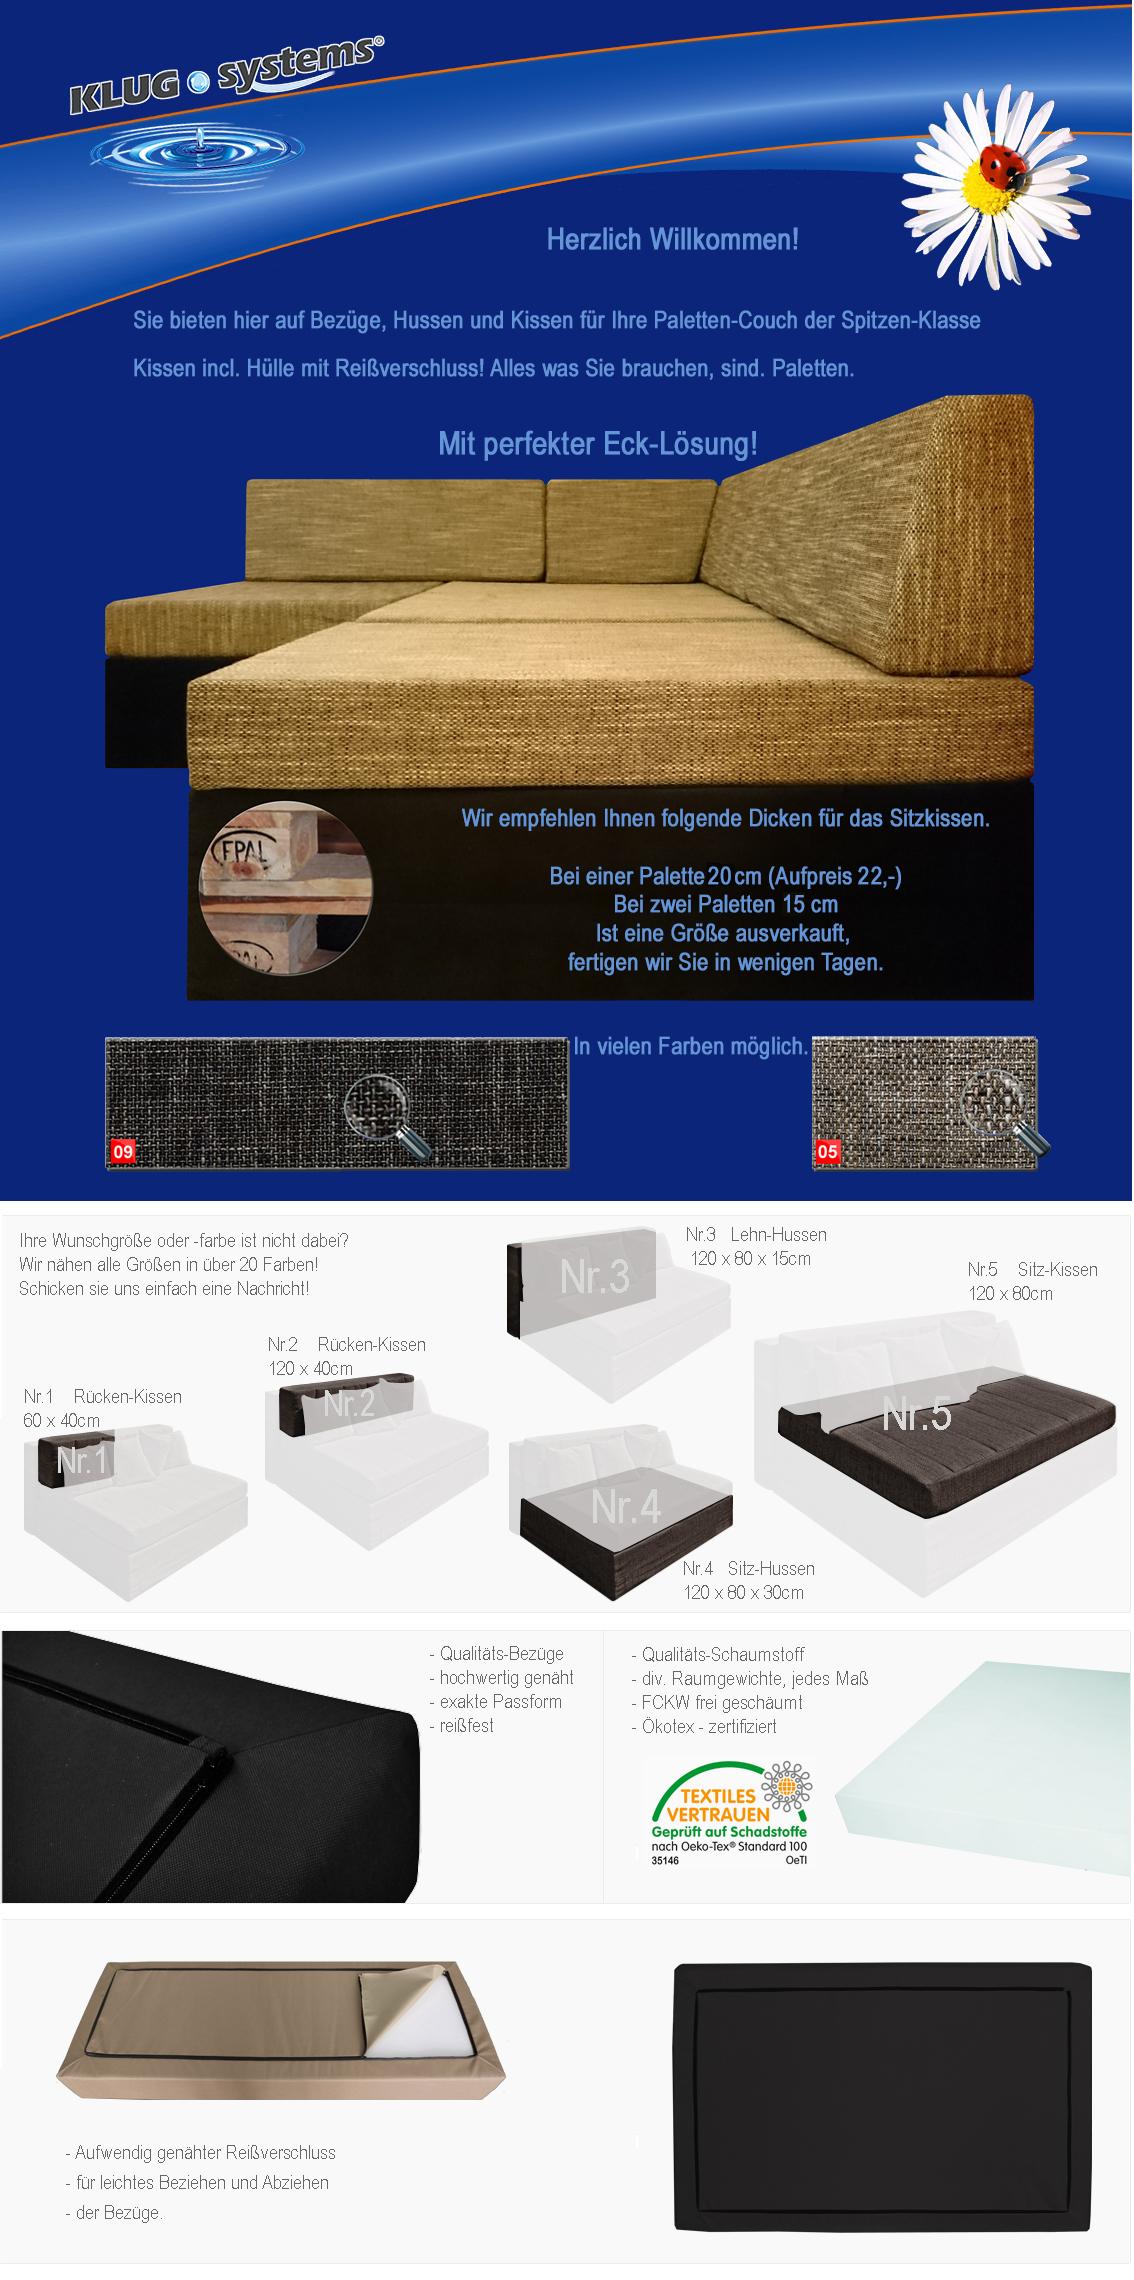 polster schaumstoff für couch